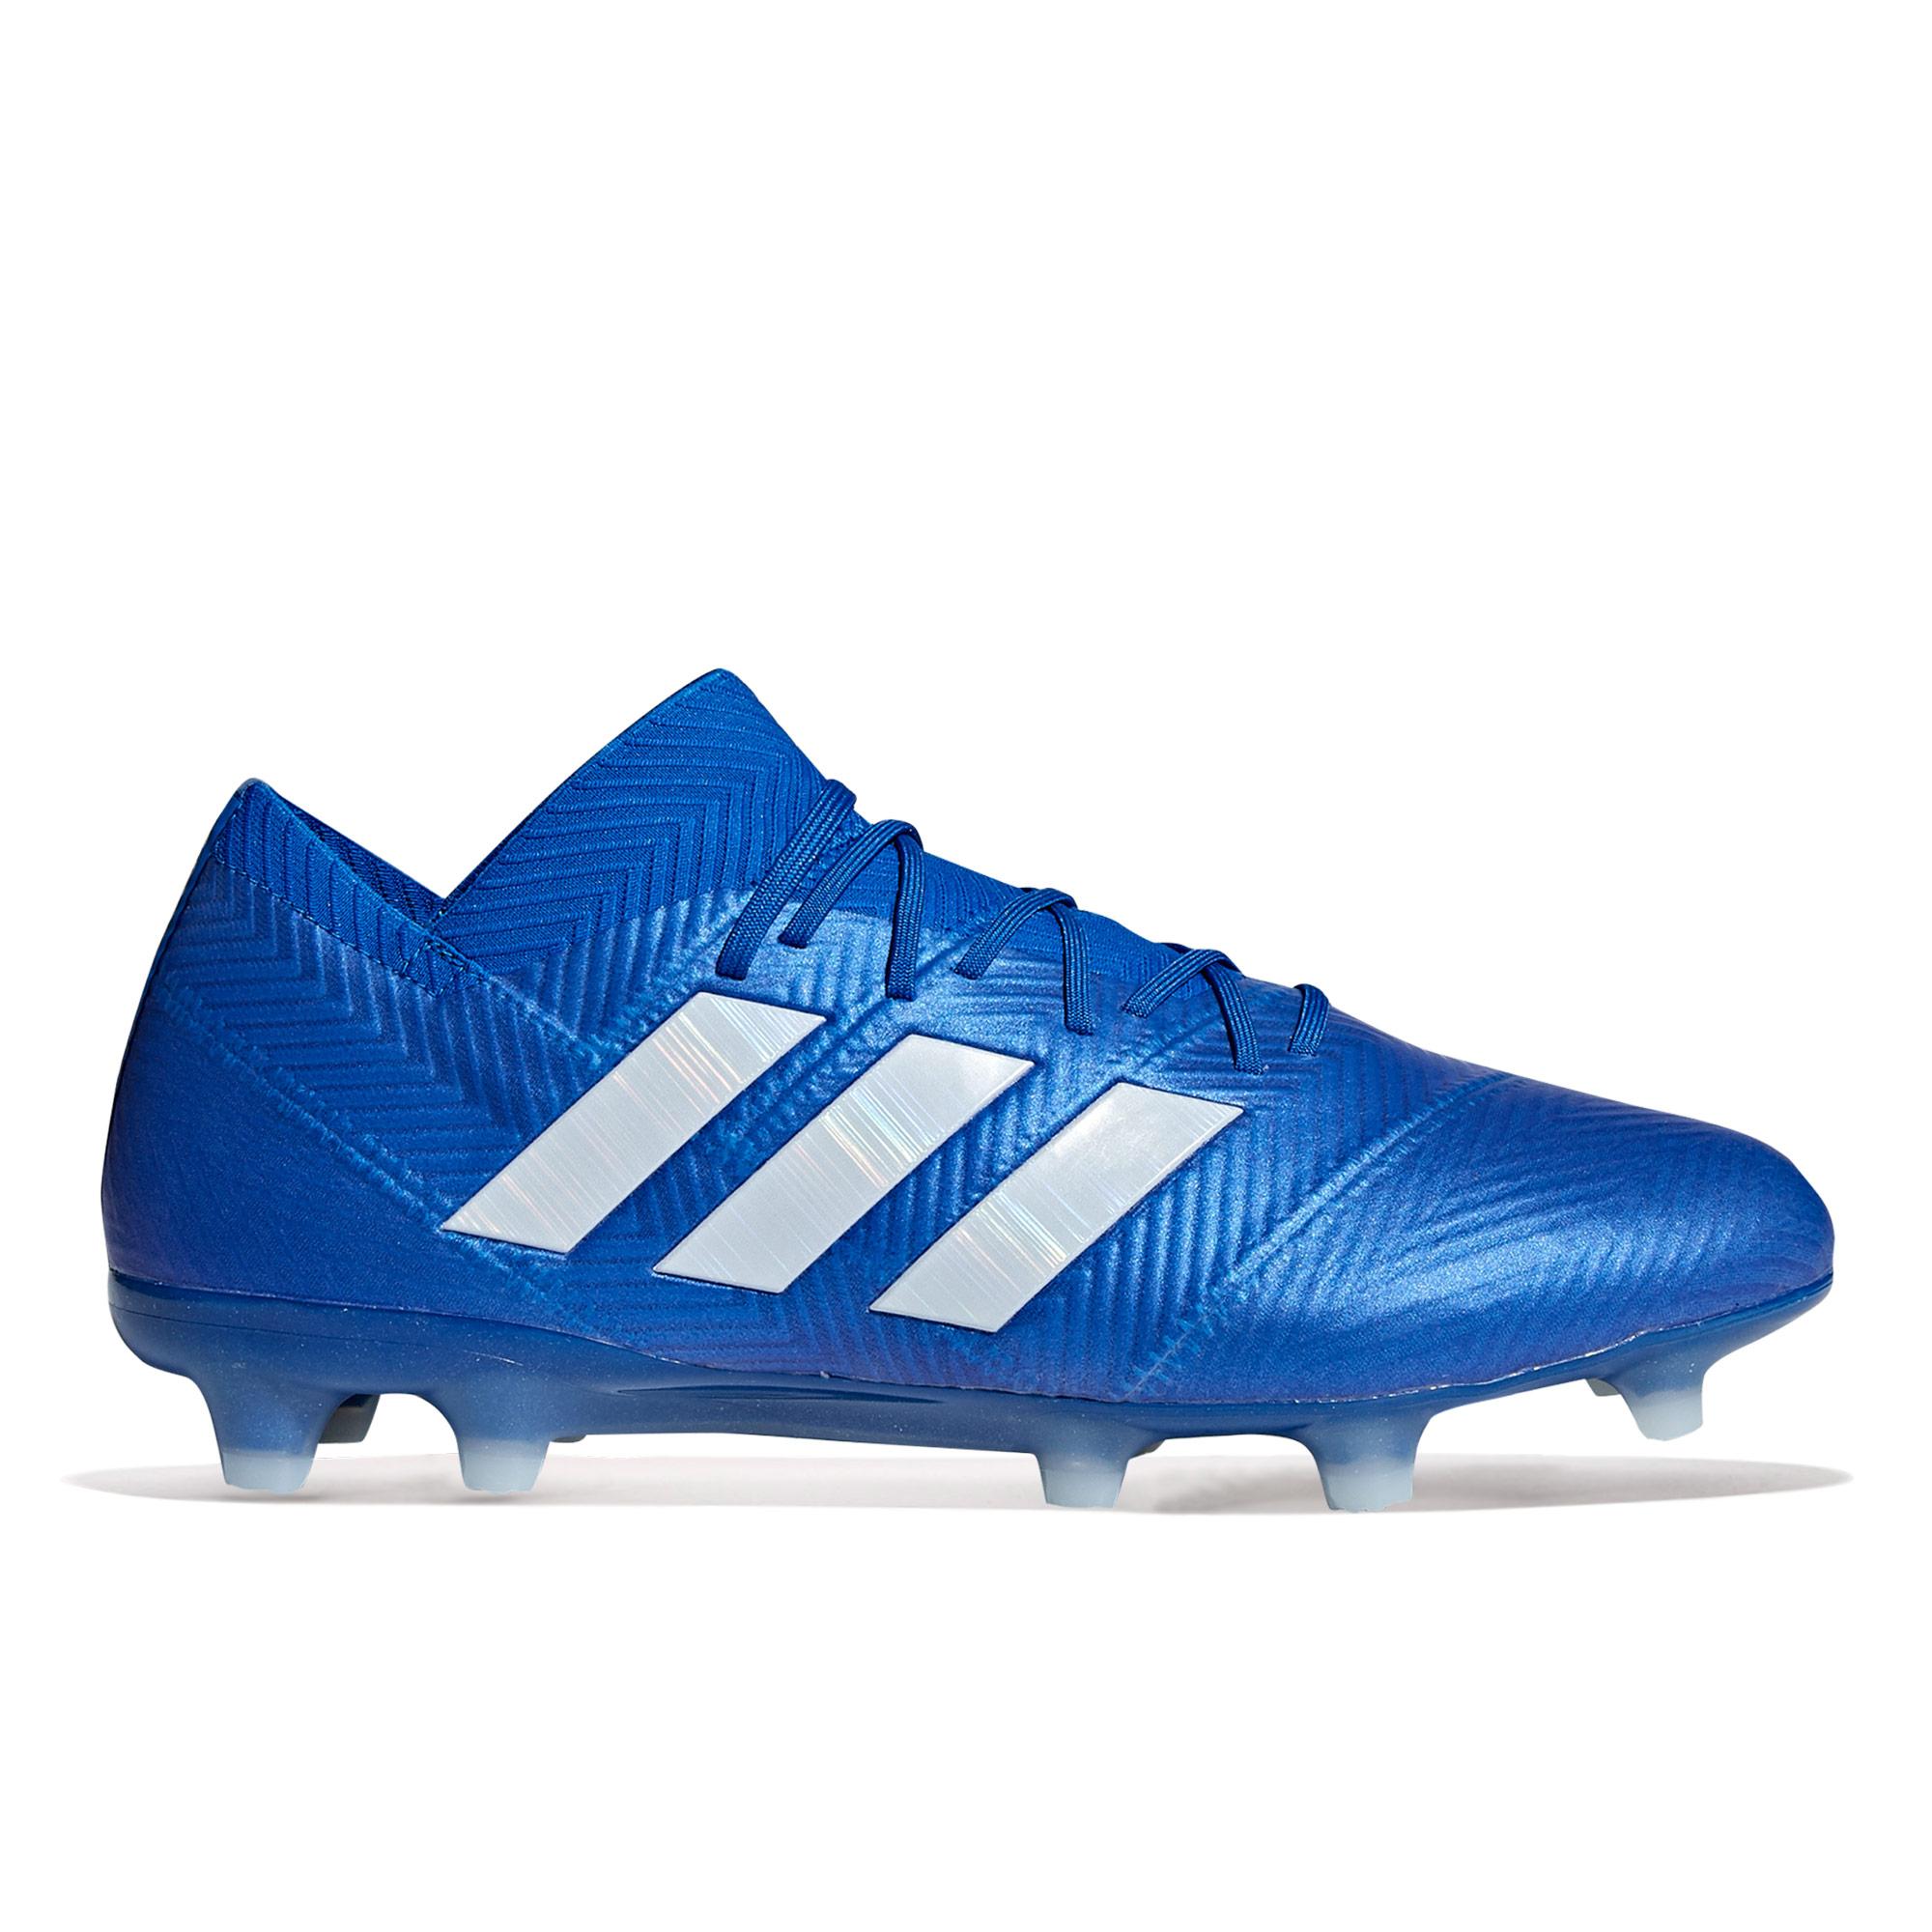 adidas Nemeziz 18.1 Firm Ground Football Boots - Blue